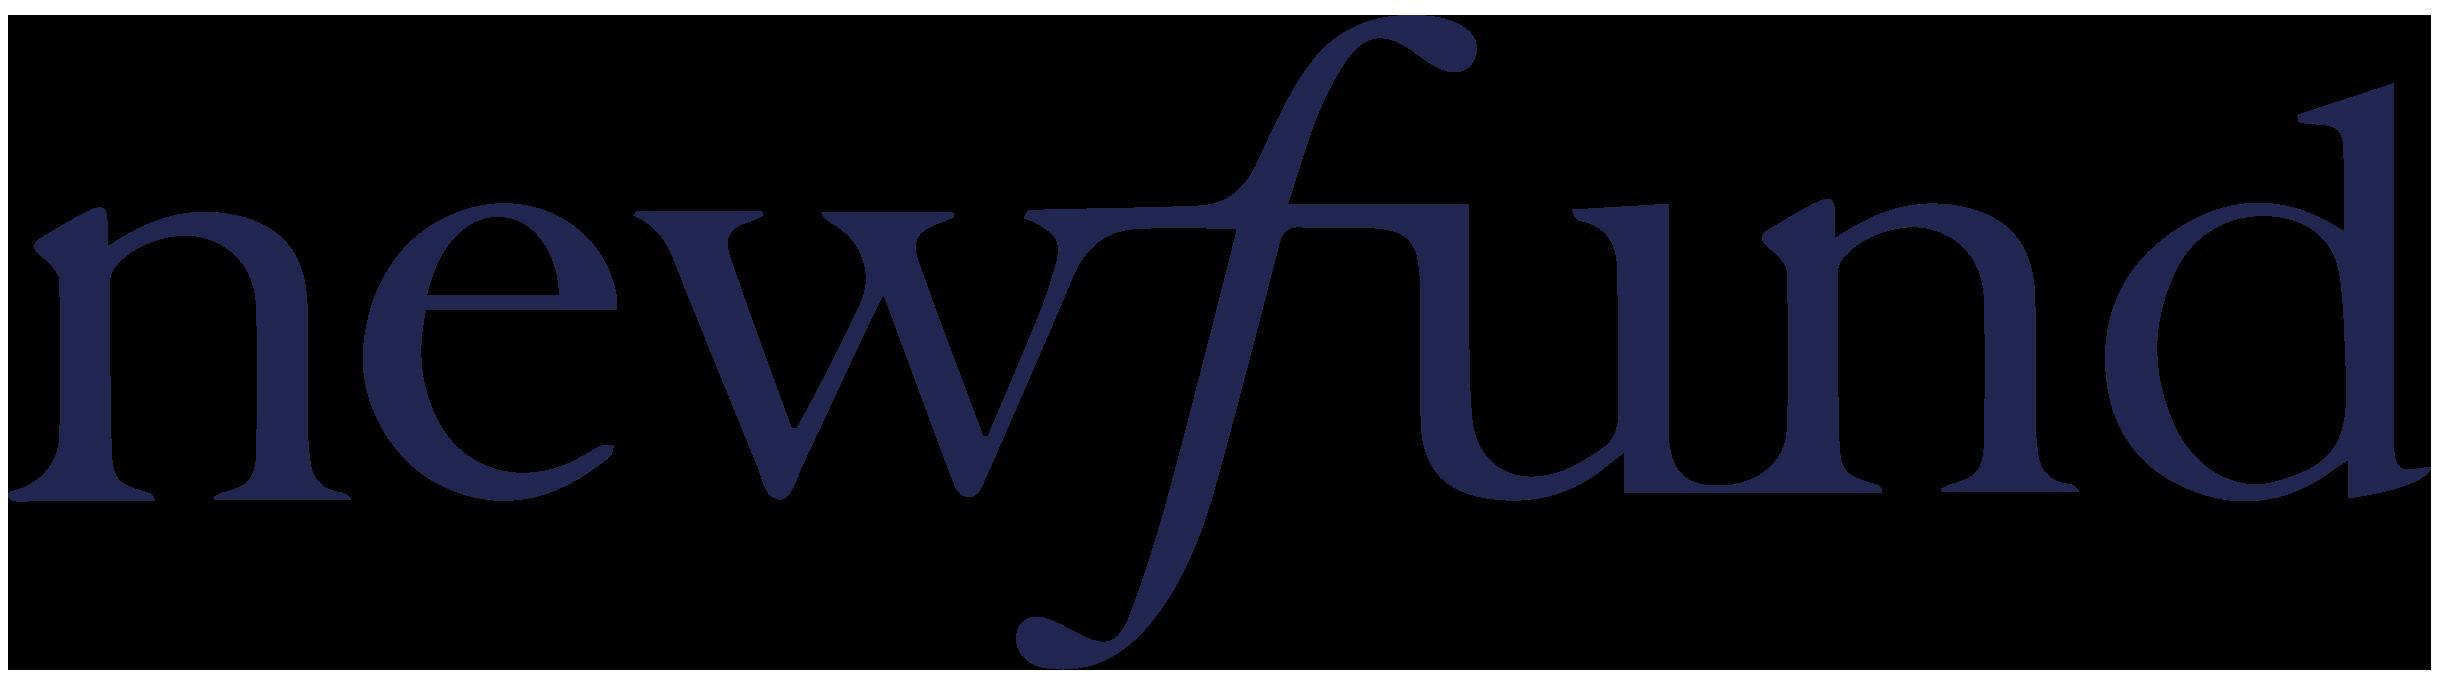 Image of newfund logo